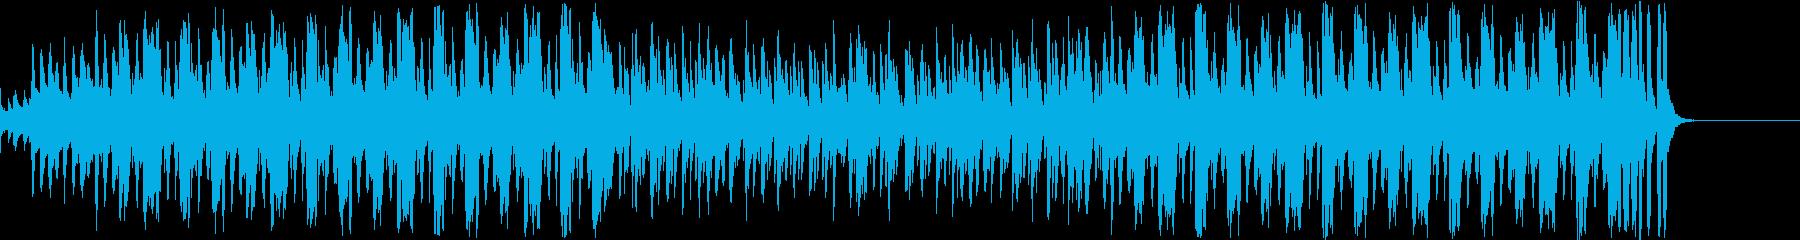 マリンバソロの大人なビッグバンドサウンドの再生済みの波形